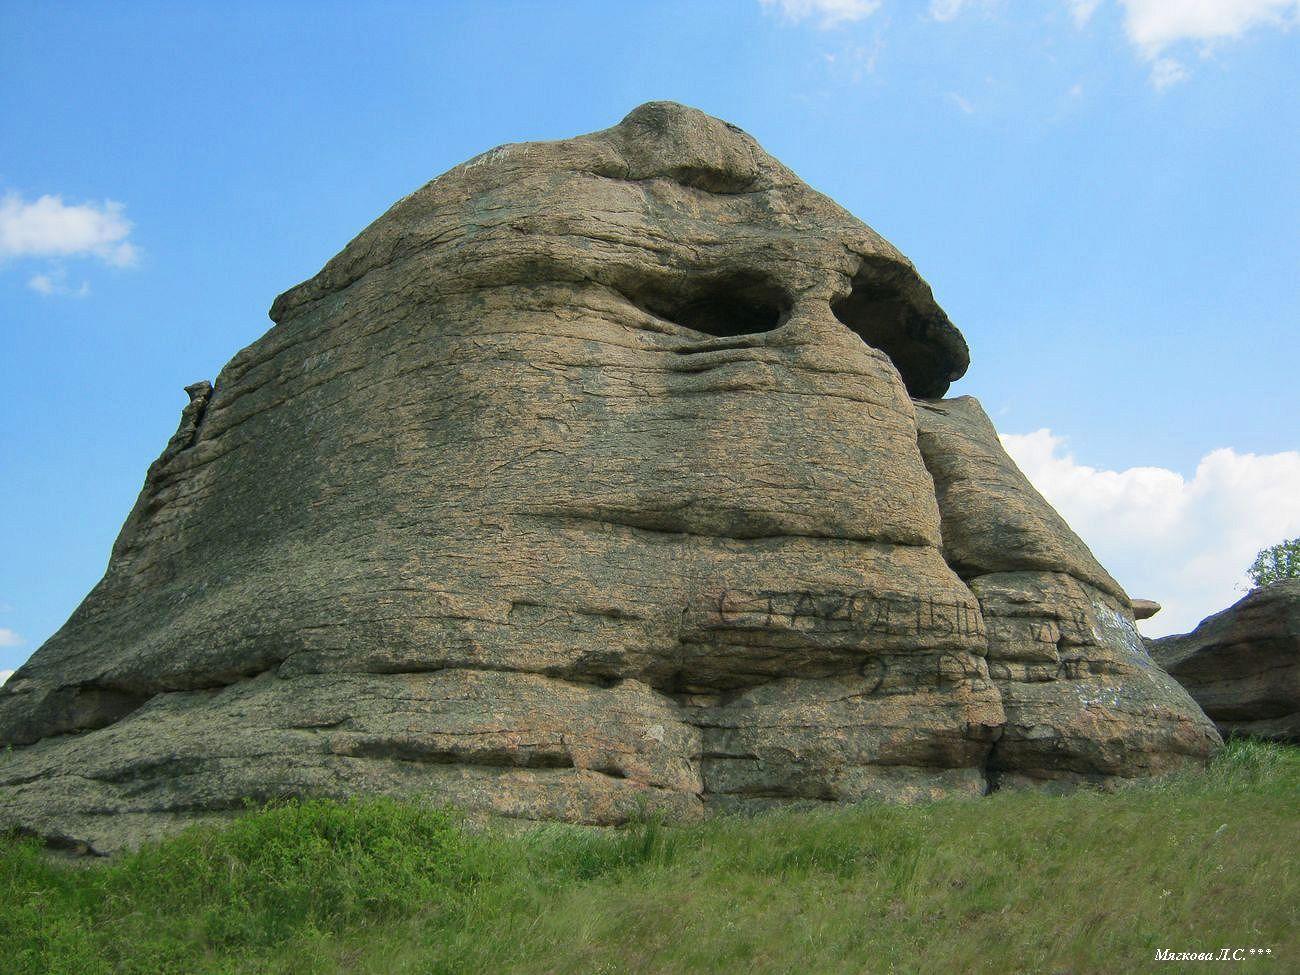 000 камень голова1.jpg